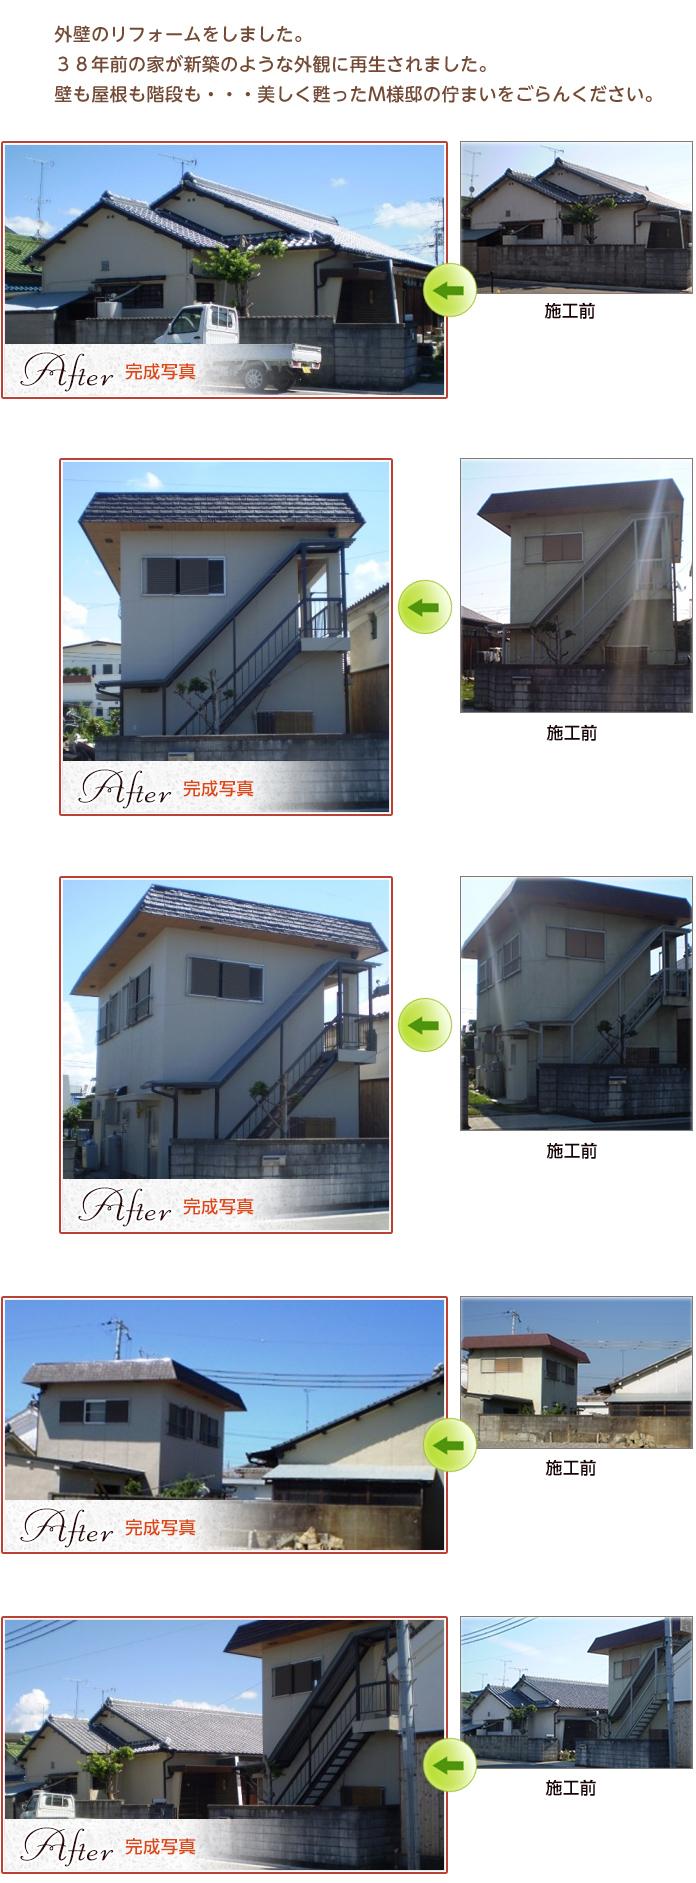 紀ノ川市 M様邸